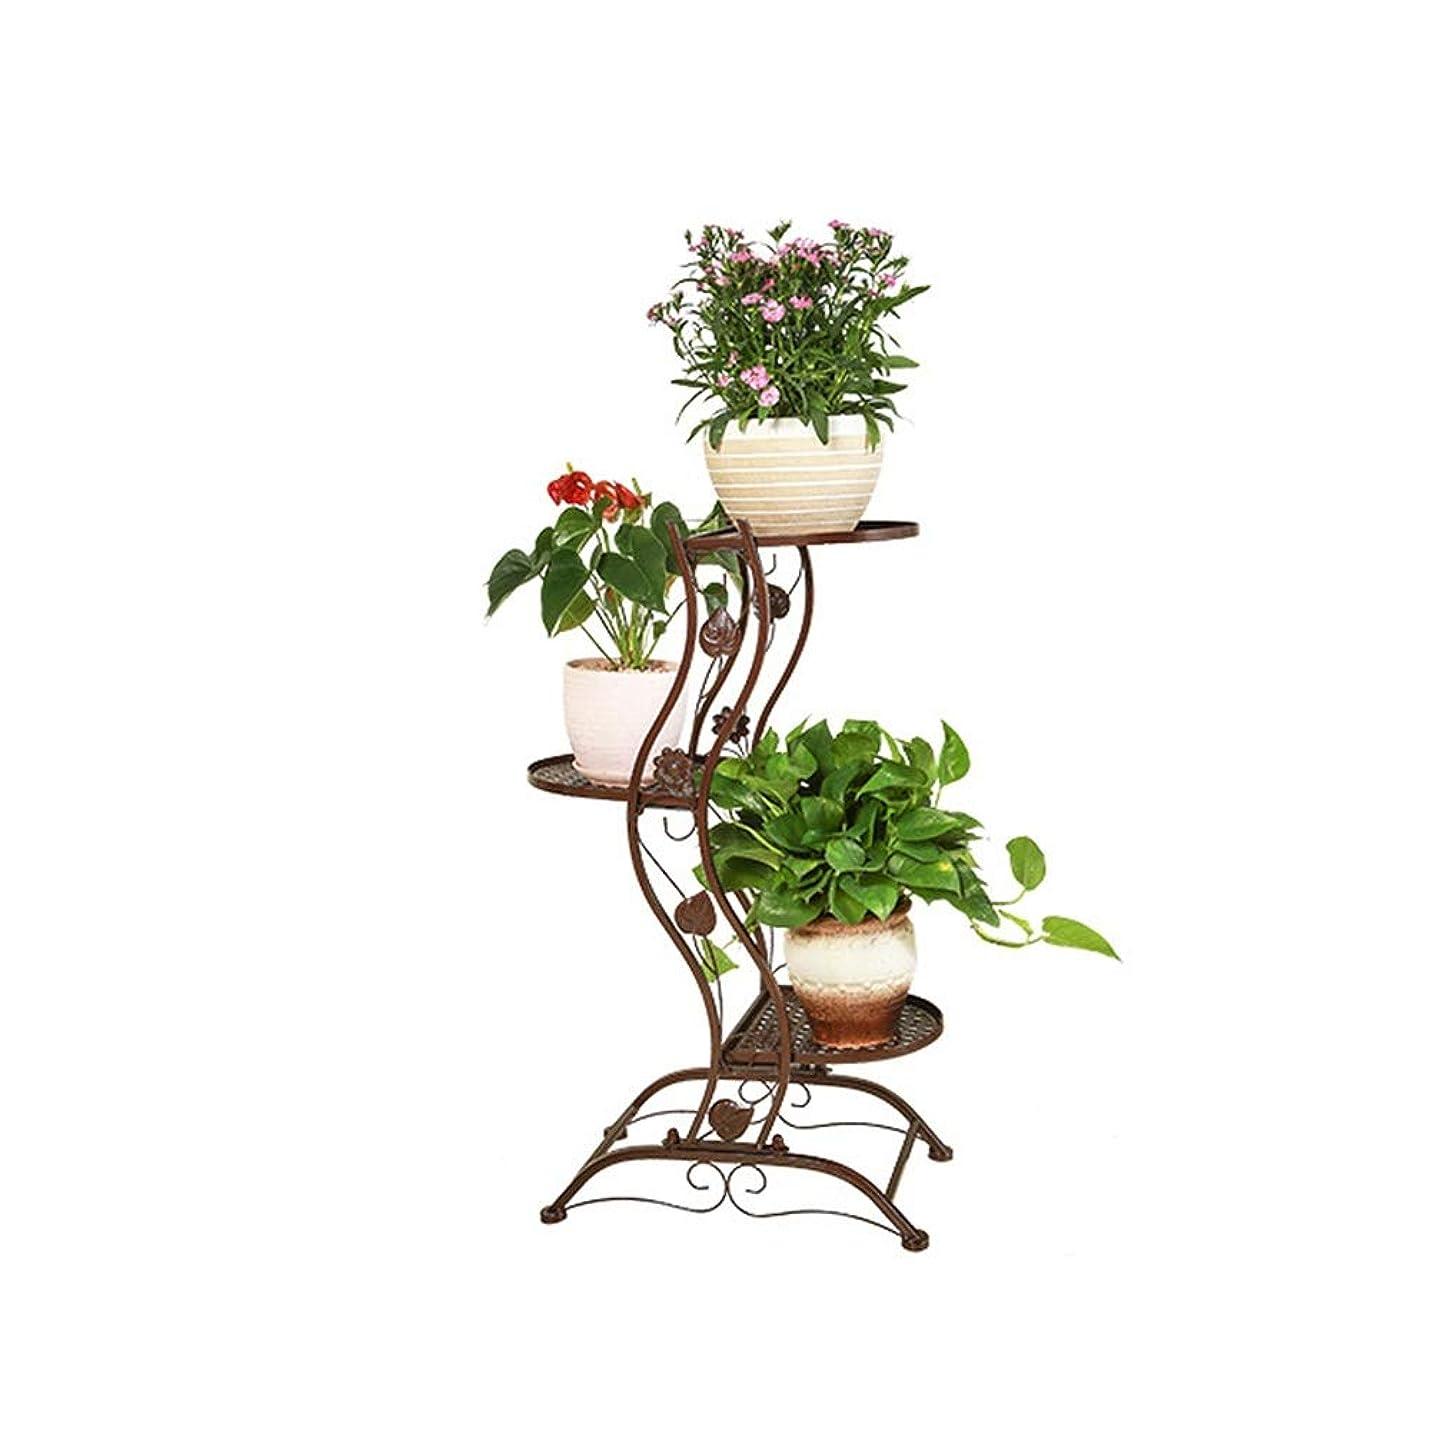 はっきりと意図びっくりしたフラワースタンド 鉄多層鉢植え植物スタンド金属フロアポットガーデンテラス立ち植物フラワーポットディスプレイスタンド 家、庭、パティオに最適 (色 : ブロンズ, サイズ : 3-layer)